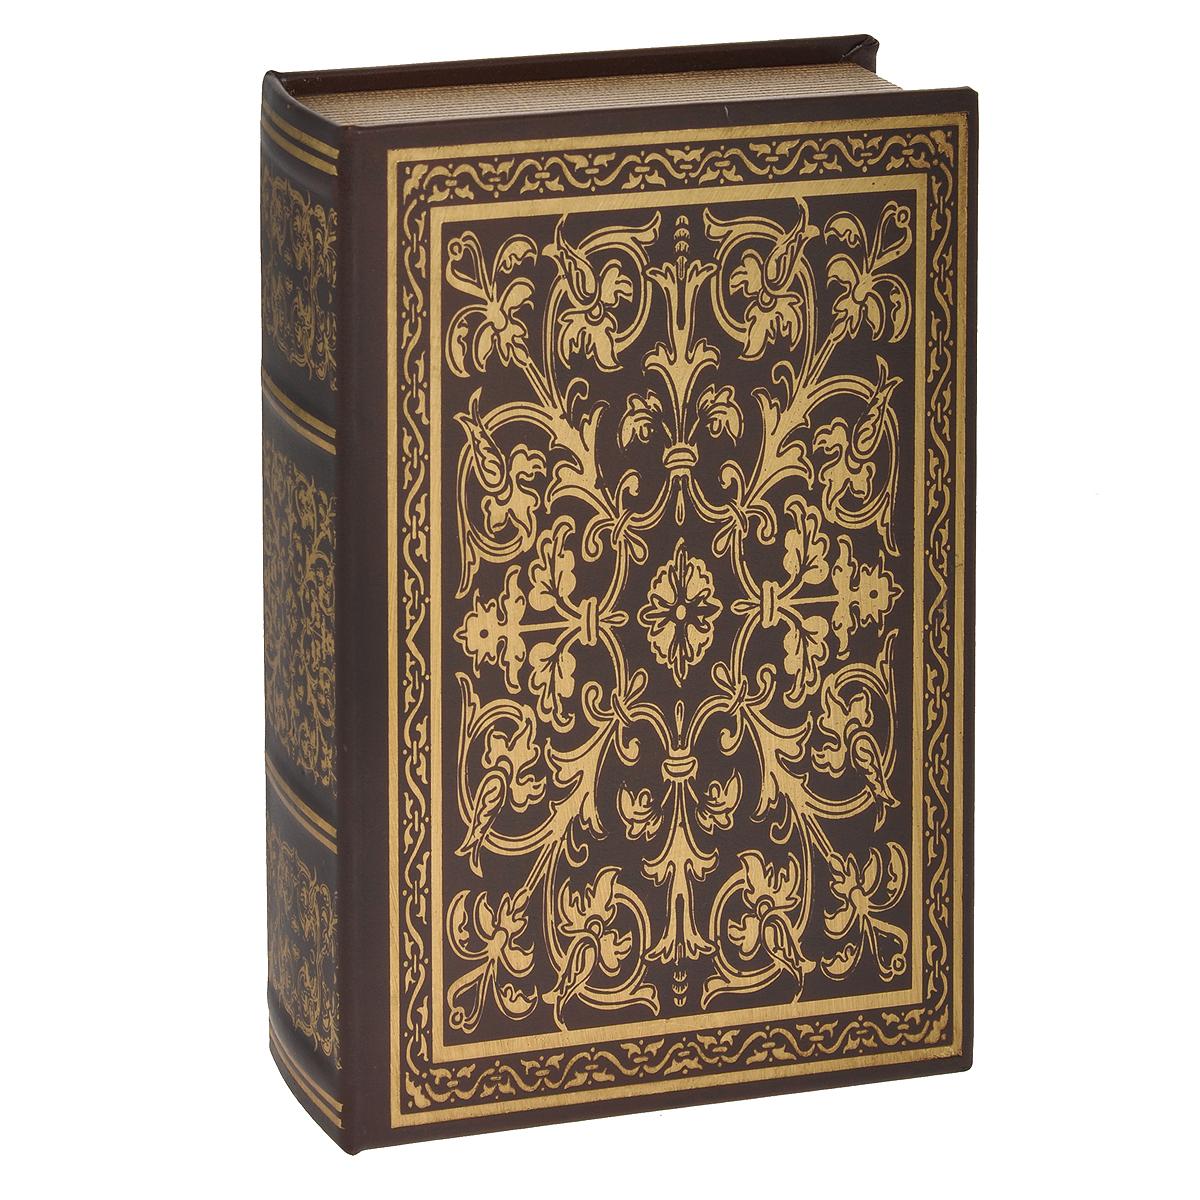 Шкатулка-фолиант Книга Соломона, цвет: коричневый, 21 см х 12 см х 4,5 см. 18415939841Шкатулка-фолиант Книга Соломона выполнена в виде старинной книги. Оригинальное оформление шкатулки, несомненно, привлечет к себе внимание. Поверхность шкатулки-фолианта выполнена из кожзаменителя и оформлена золотистым тиснением. Внутри шкатулка отделана кожзаменителем. Такая шкатулка может использоваться для хранения бижутерии, в качестве украшения интерьера, а также послужит хорошим подарком для человека, ценящего практичные и оригинальные вещицы. Характеристики:Материал: кожзаменитель, МДФ. Размер шкатулки: 21 см х 12 см х 4,5 см.Цвет: коричневый.